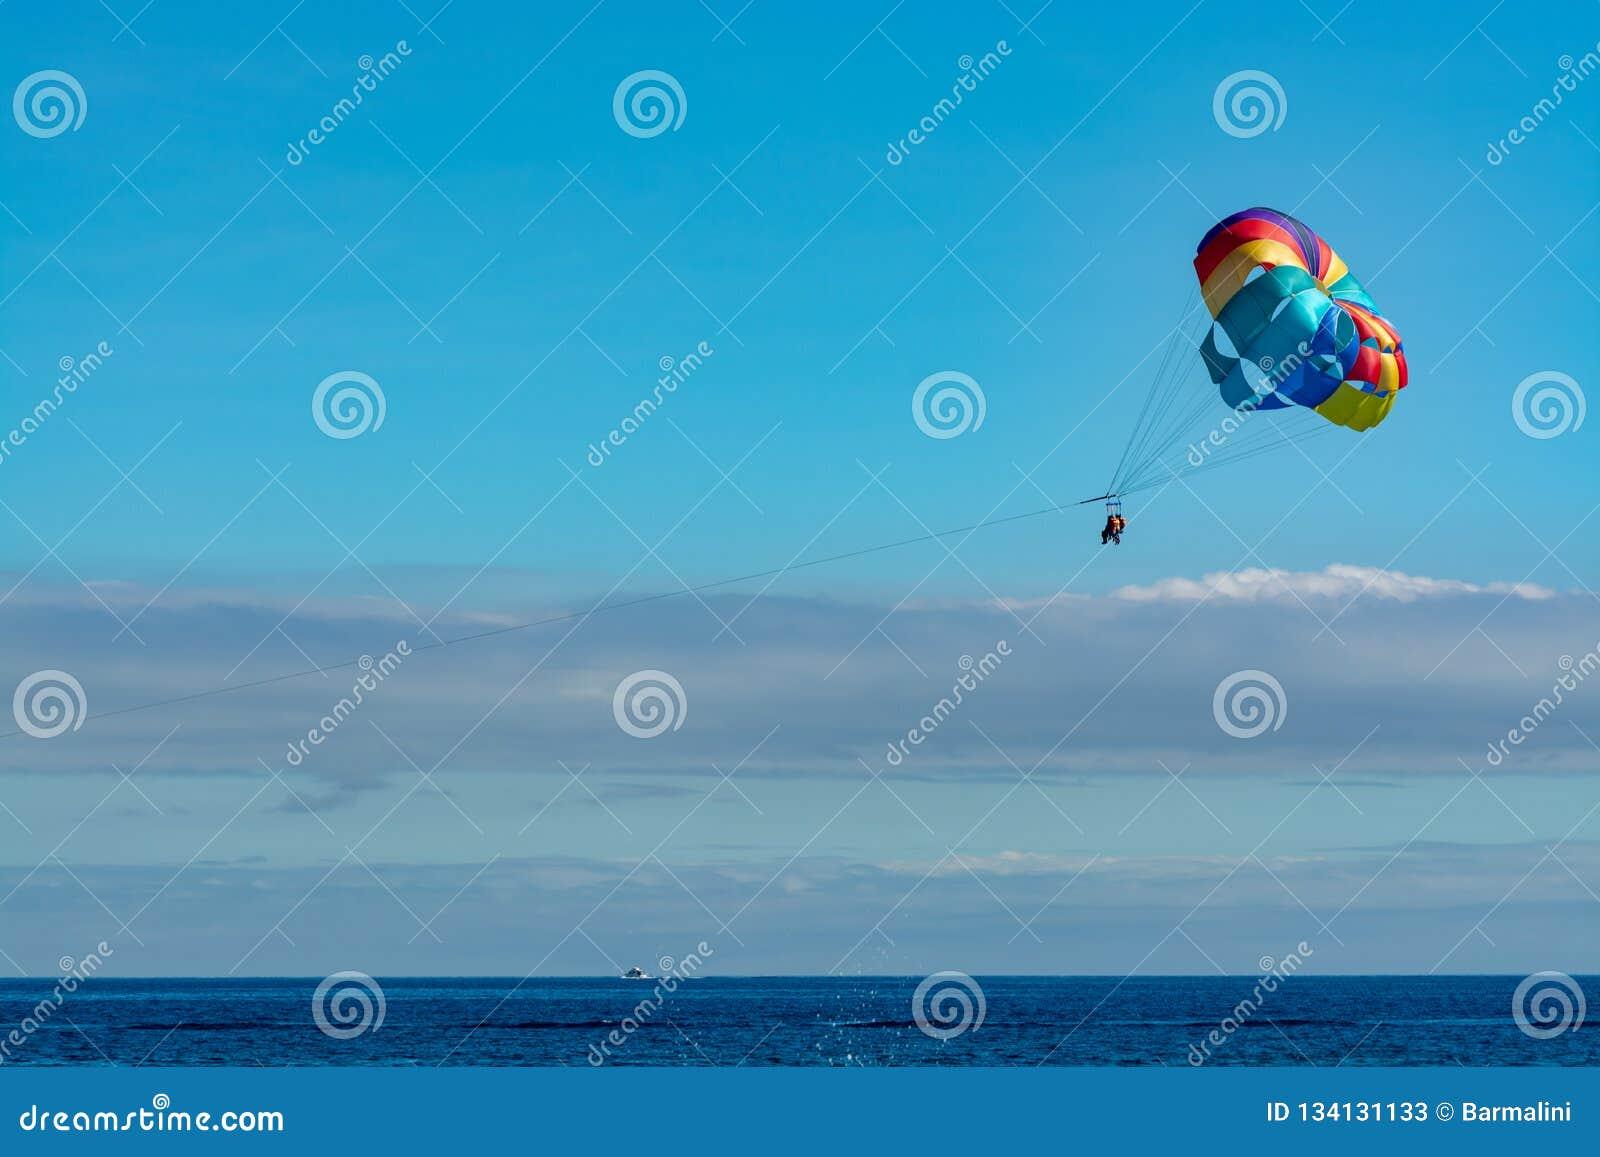 Morze i plaża bawimy się dla turystów, parasailing w niebieskim niebie